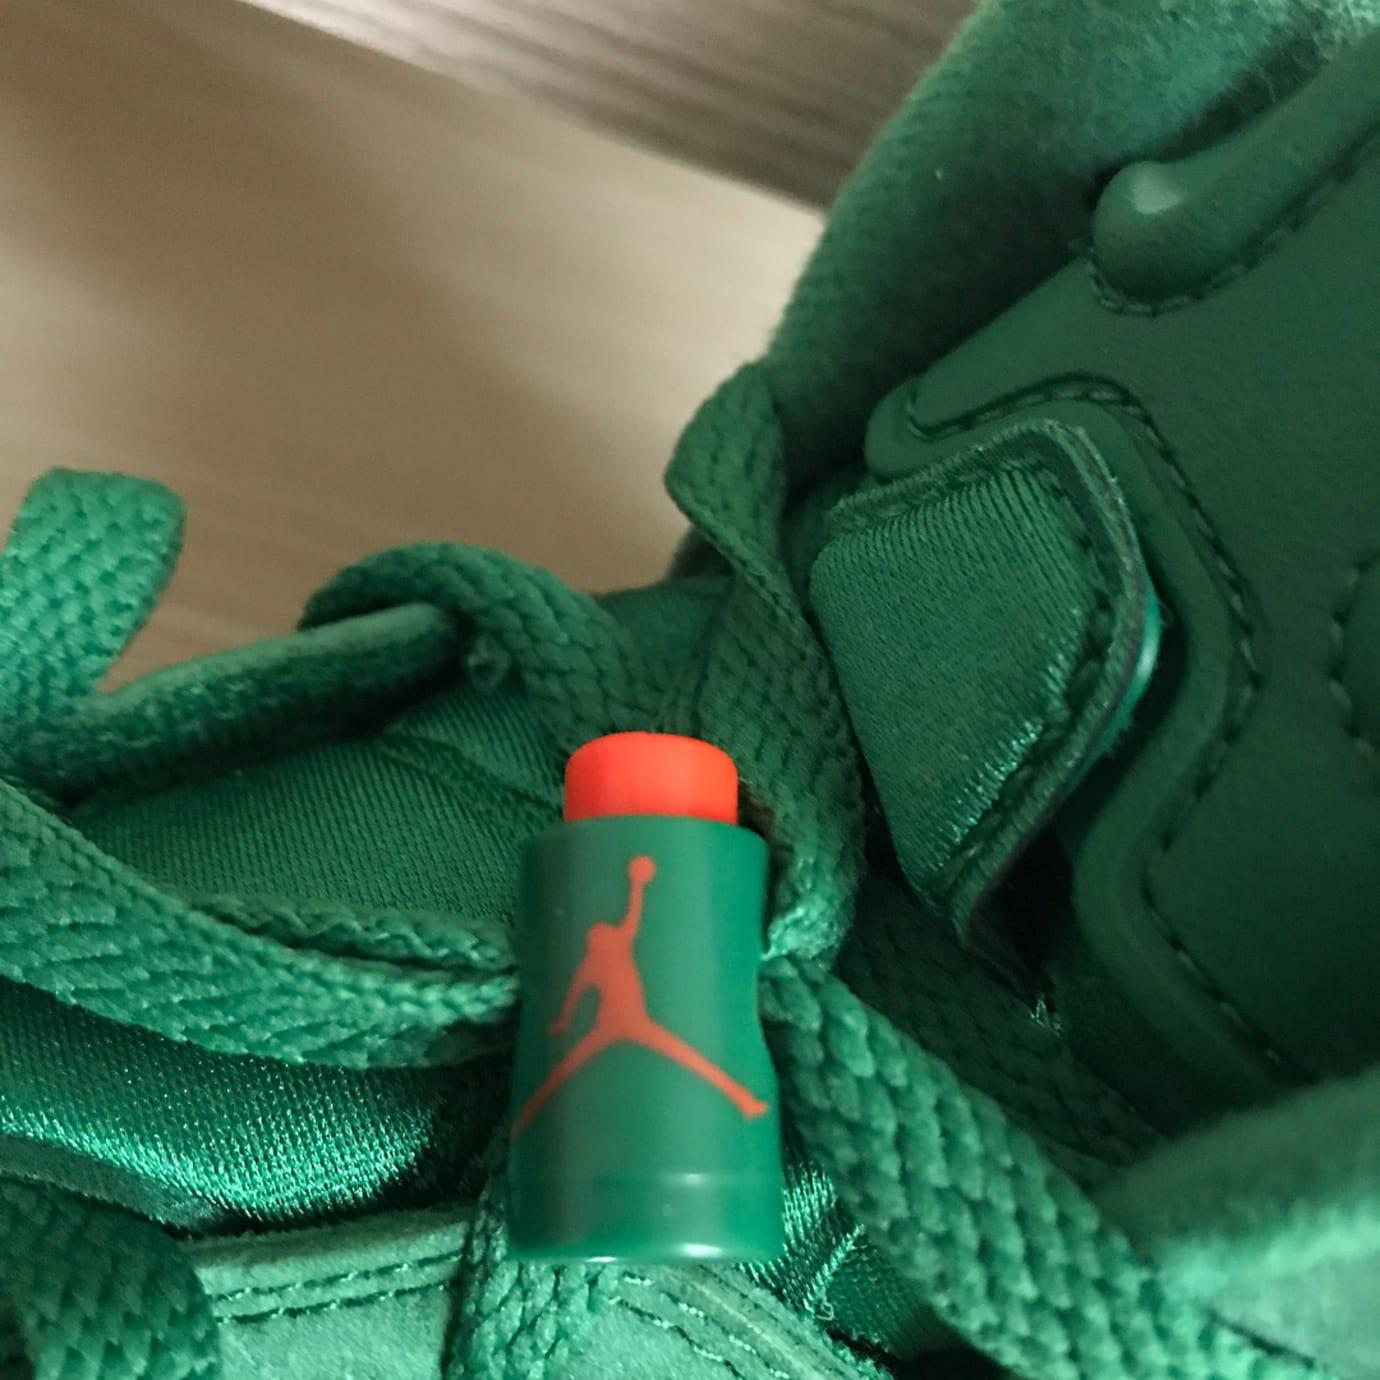 34105bdca77 Air Jordan 6 Gatorade Release Date 384664-145 | Sole Collector